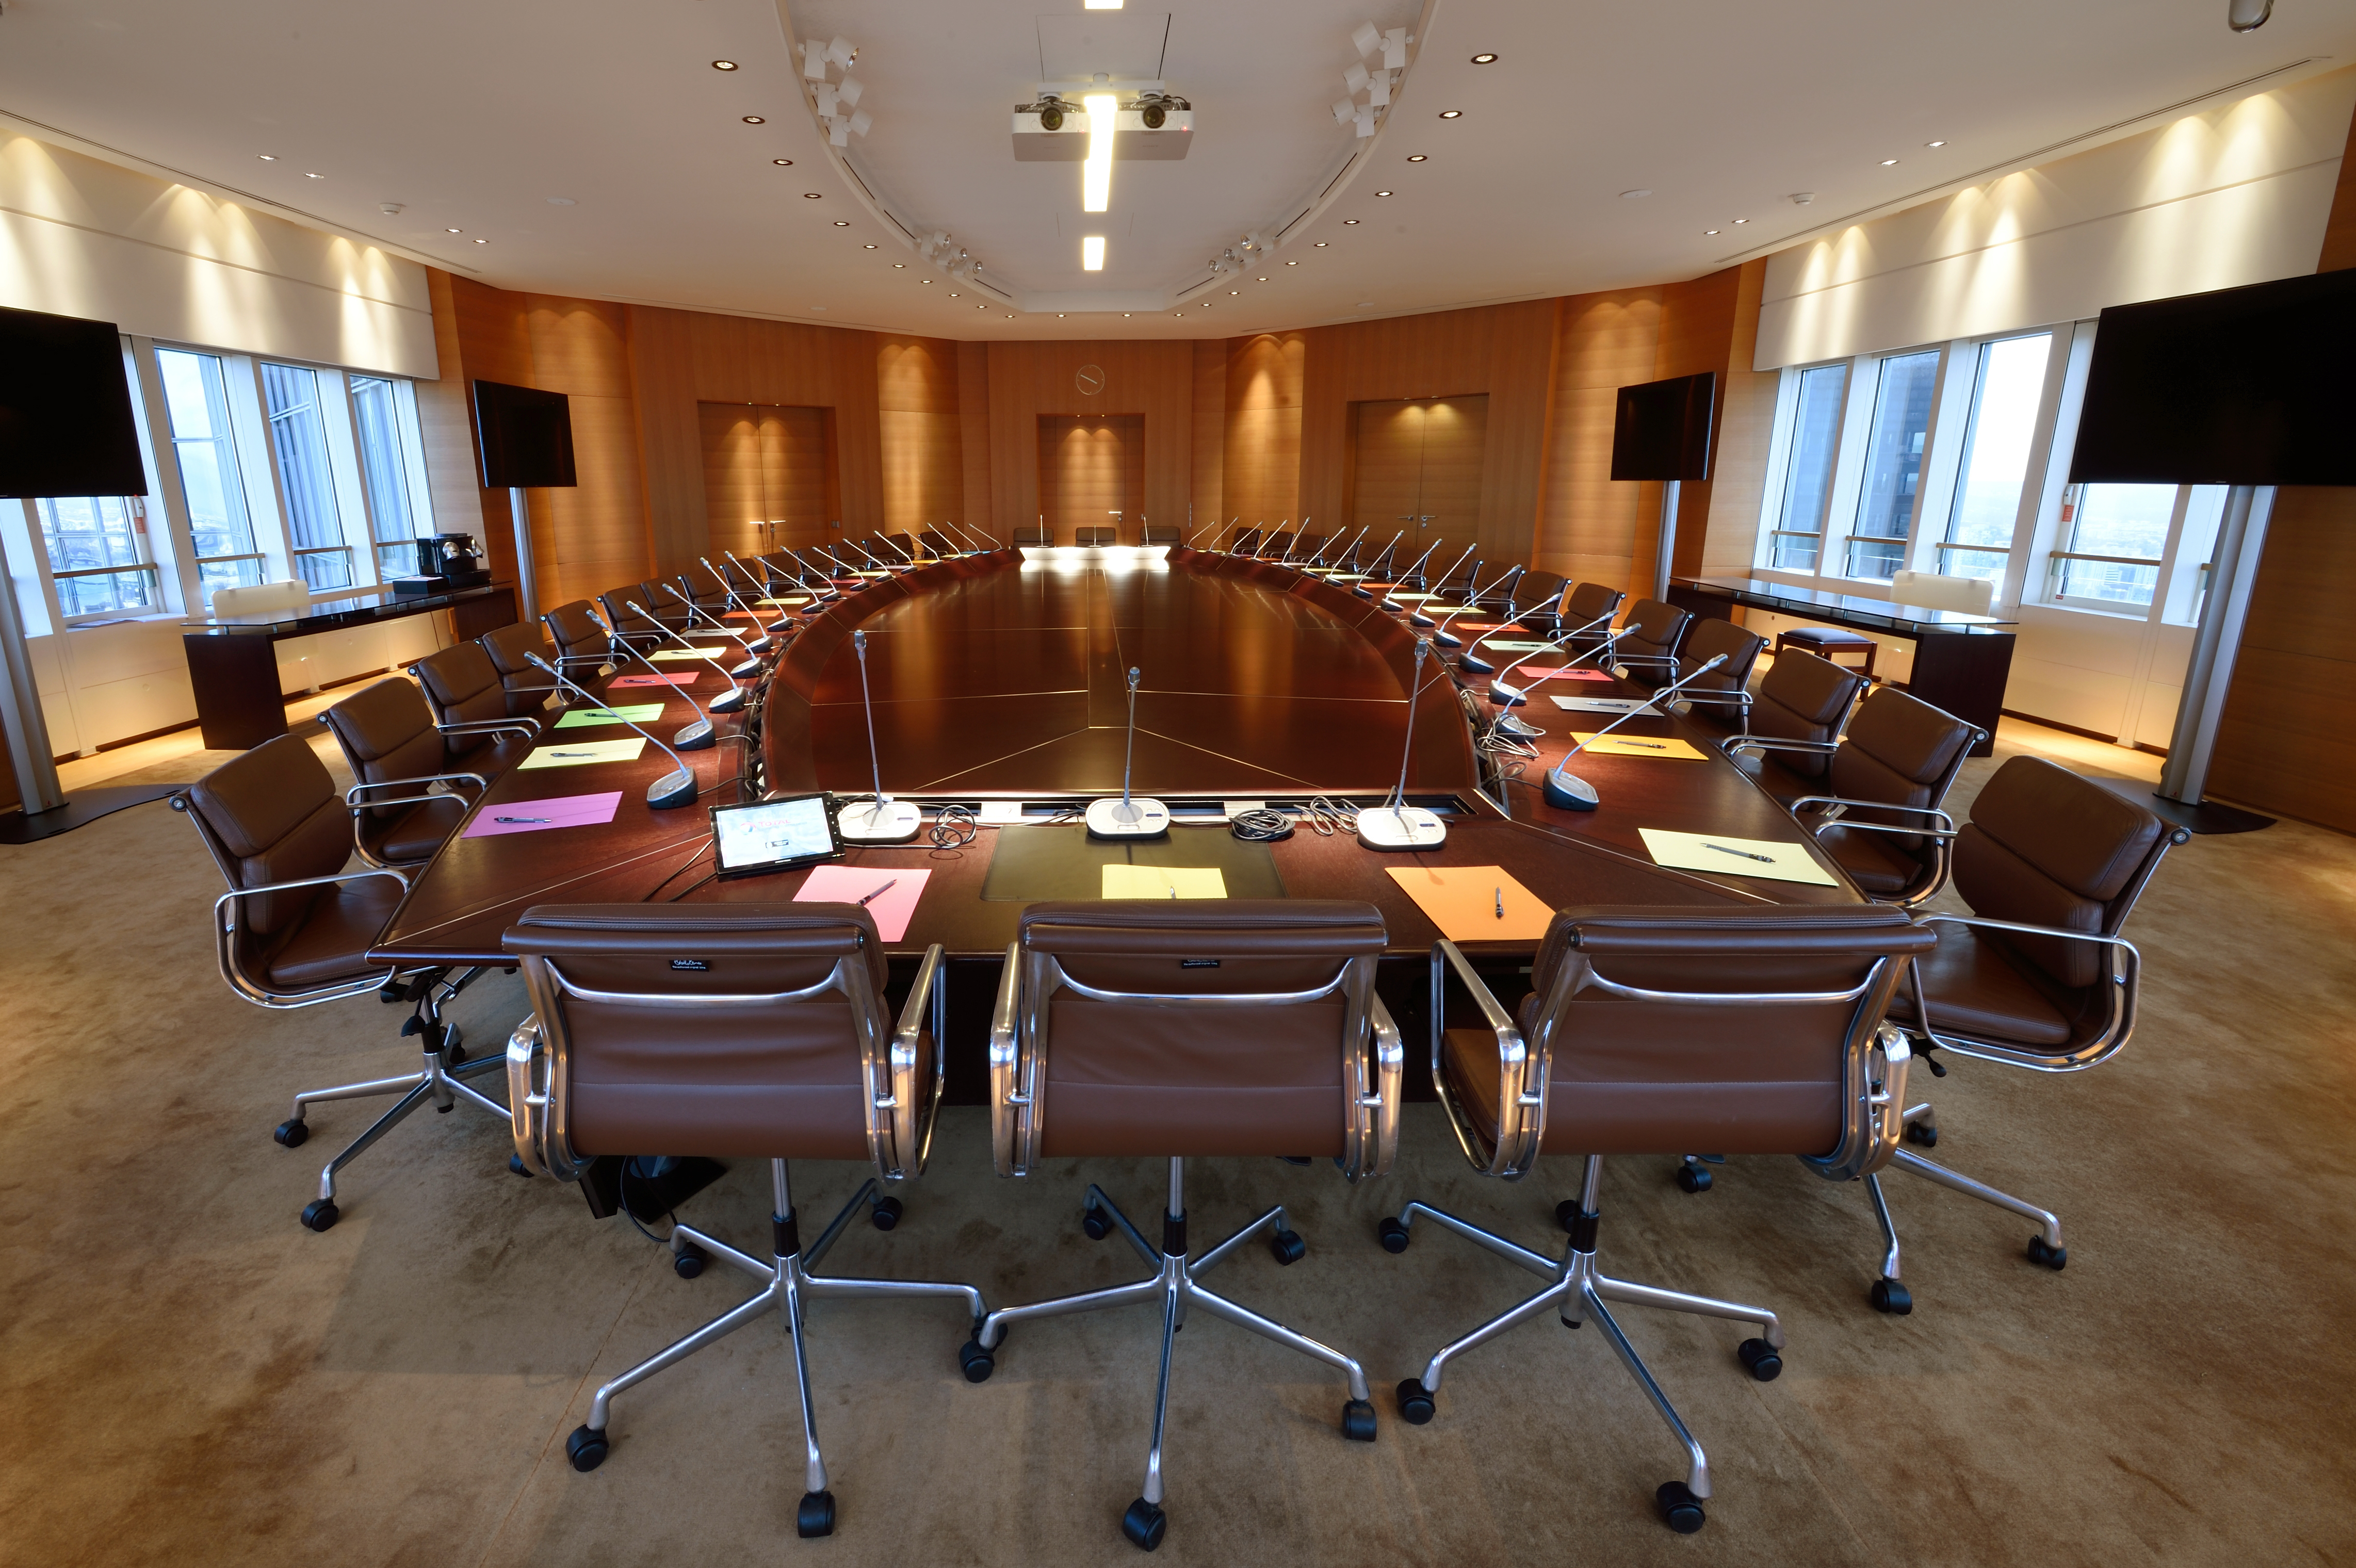 biographies des membres du conseil d 39 administration. Black Bedroom Furniture Sets. Home Design Ideas